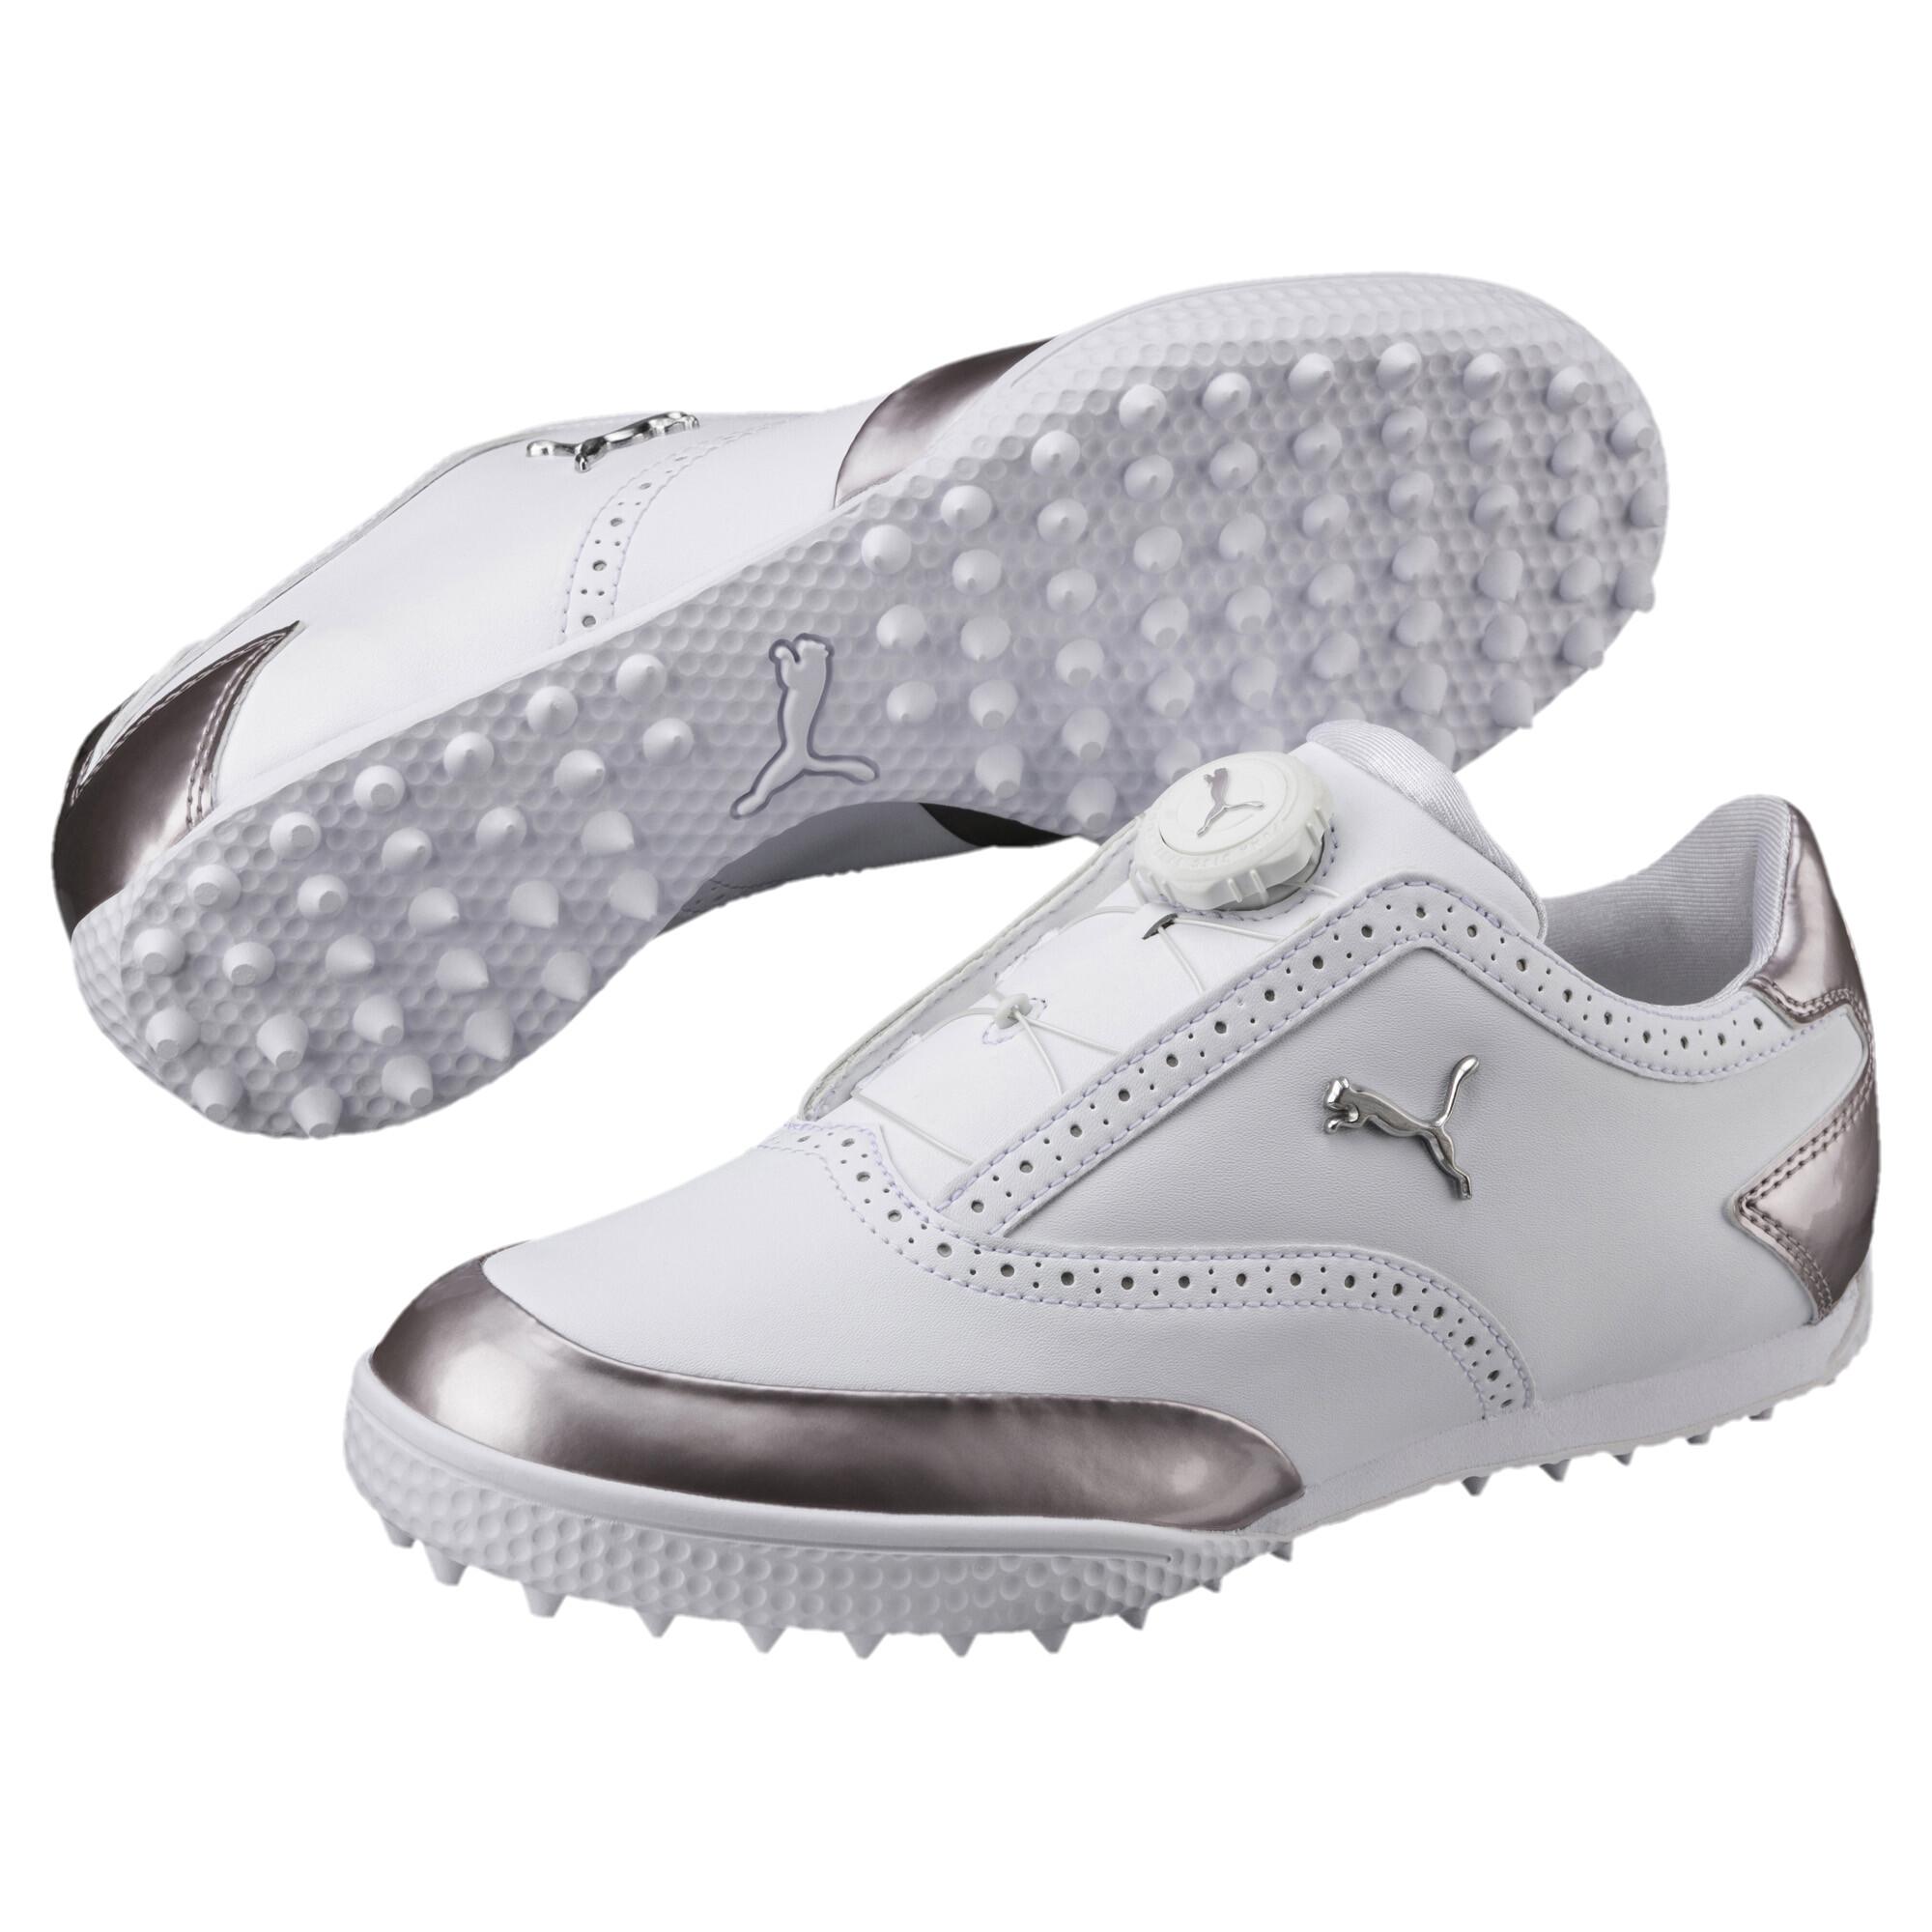 プーマ ゴルフ モノライトキャット ディスク ウィメンズ スパイクレスシューズ ウィメンズ White-Silver |PUMA.com